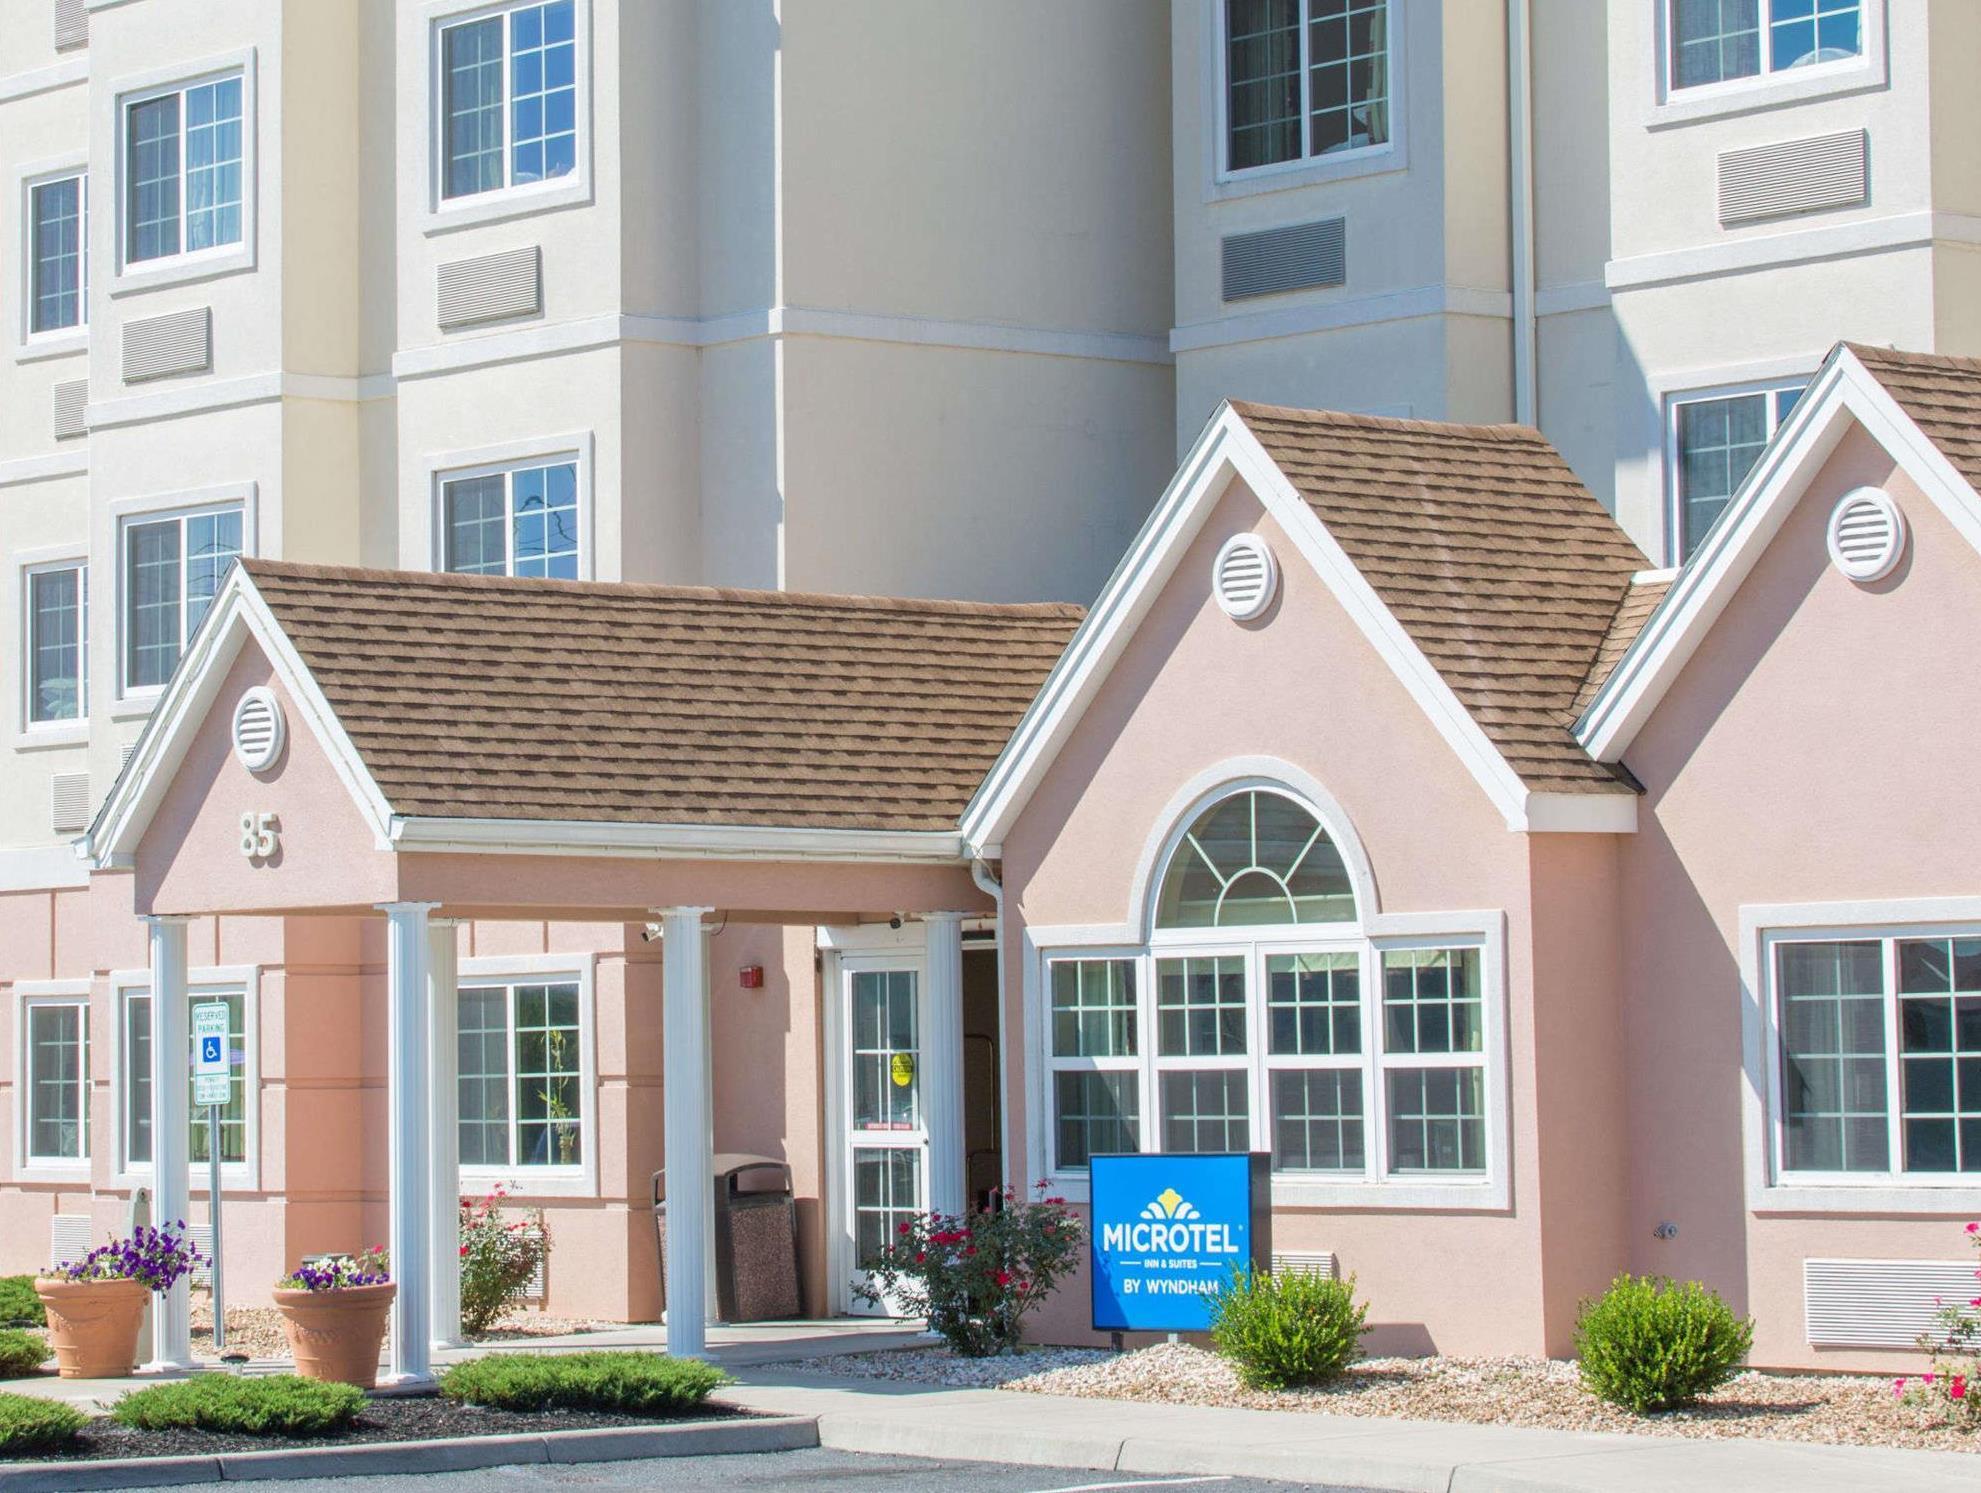 Microtel Inn And Suites By Wyndham Harrisonburg